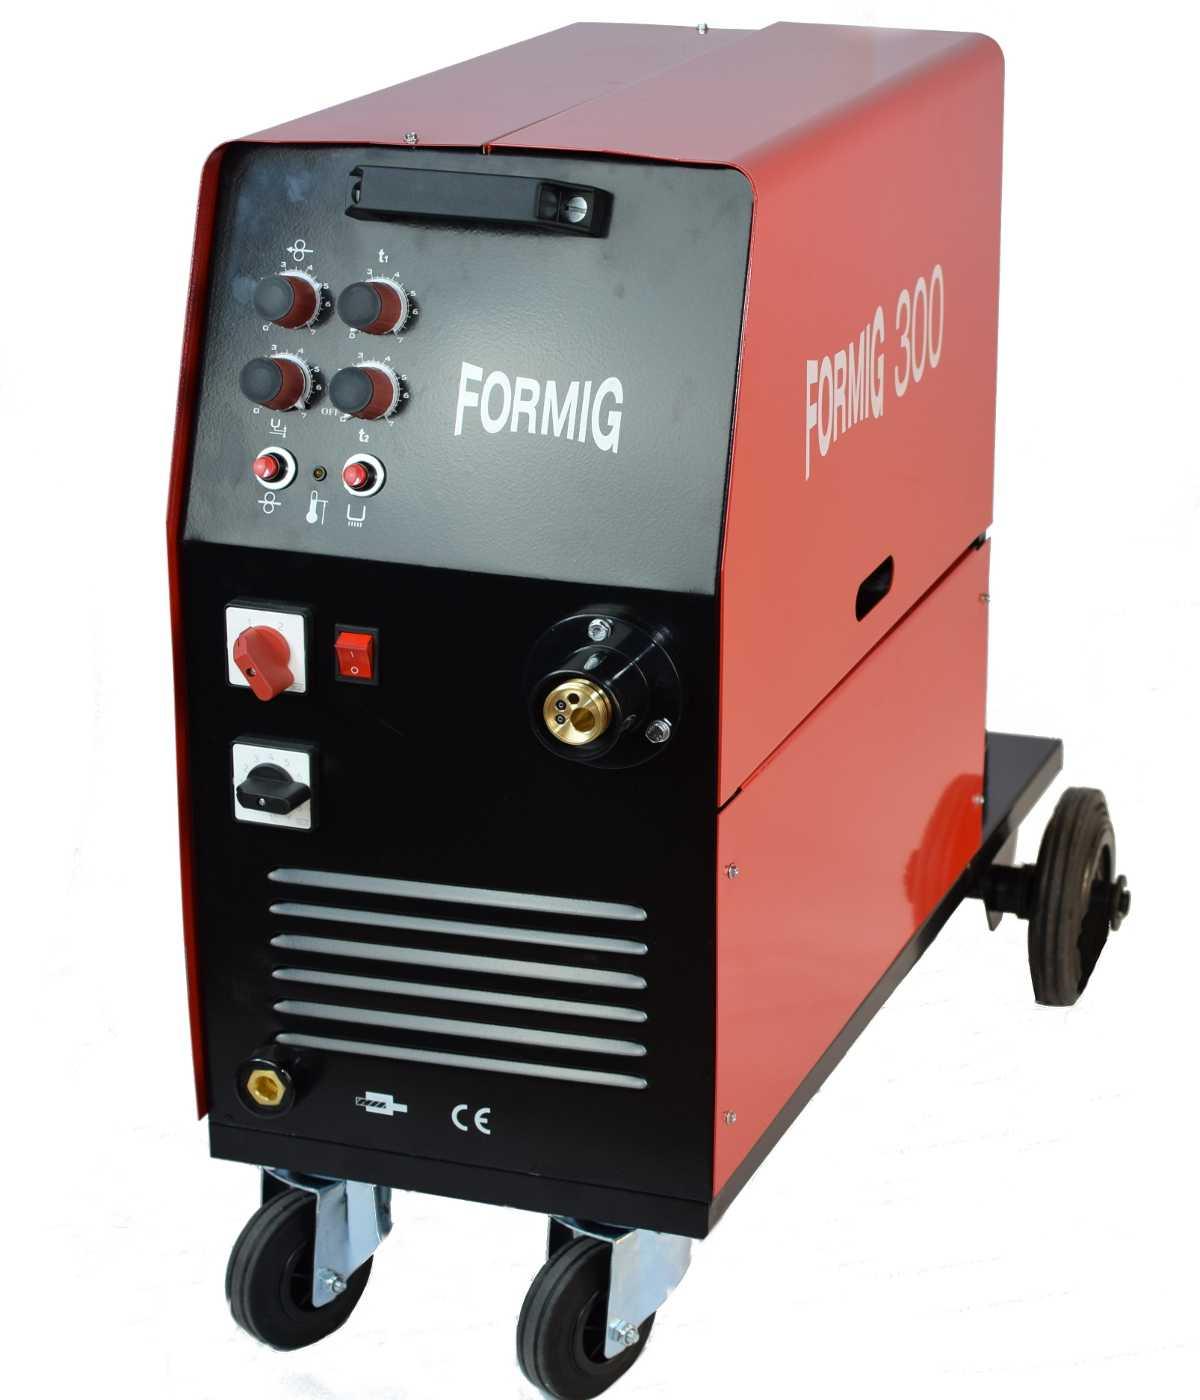 FORMIG 300 CO2 védőgázas transzformátoros hegesztőgép